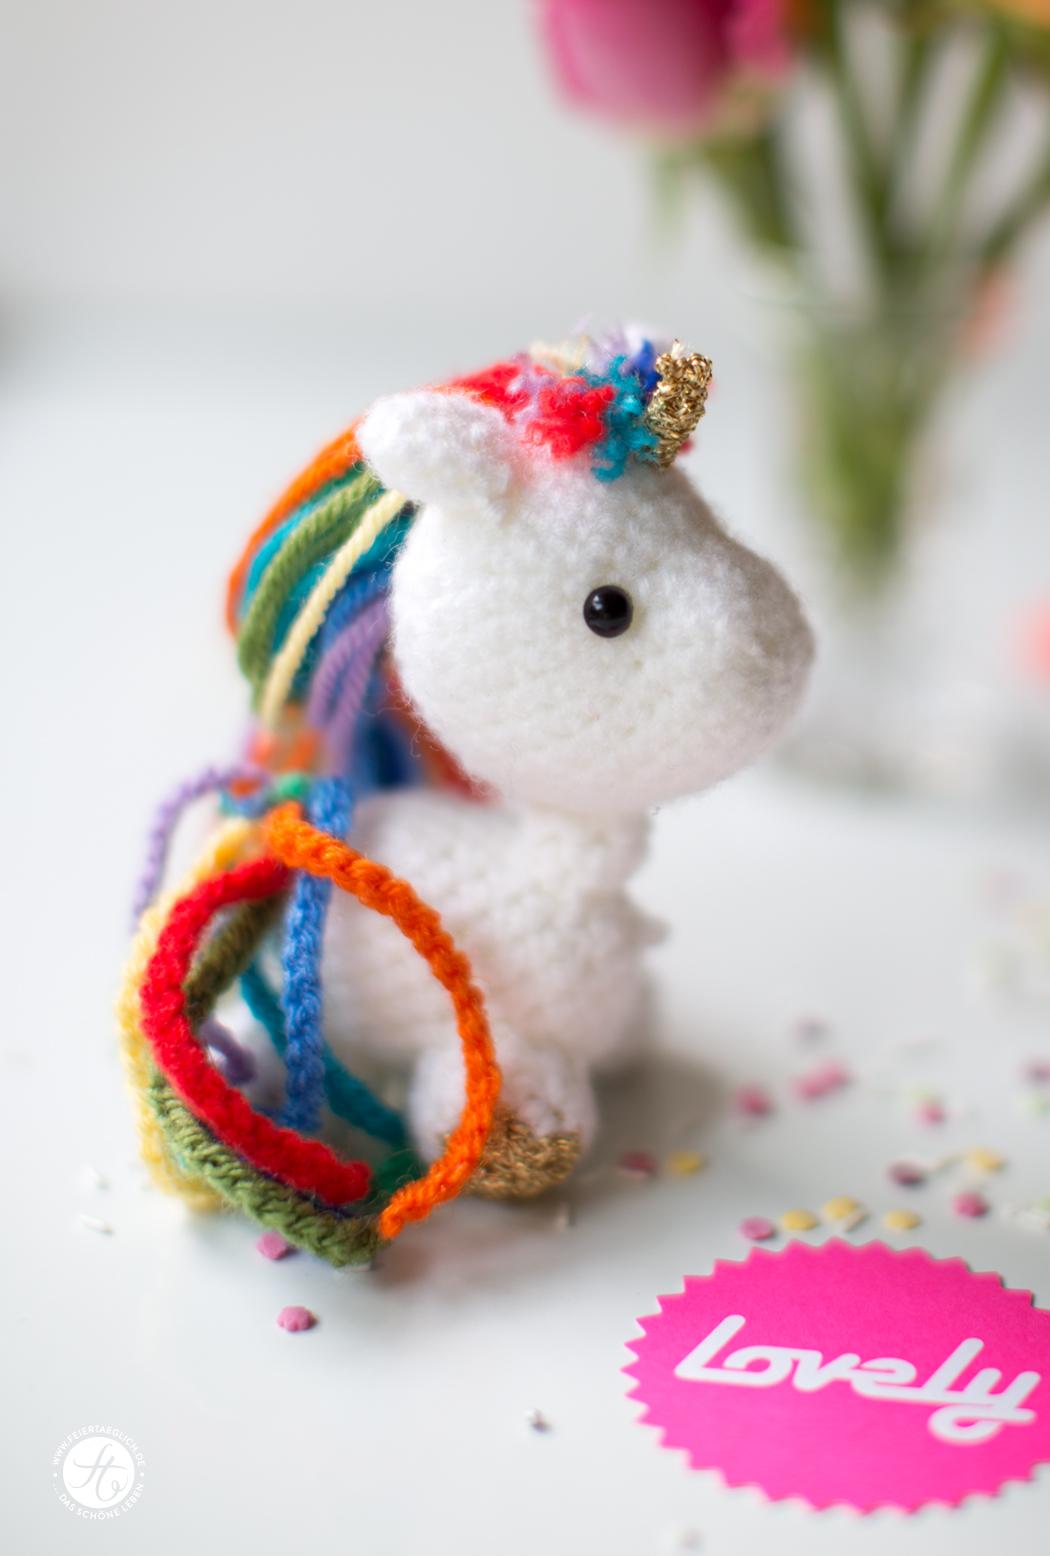 Gehäkeltes Einhorn, knitted Unicorn von https://dasfurzendeeinhorn.com, Geschenkidee